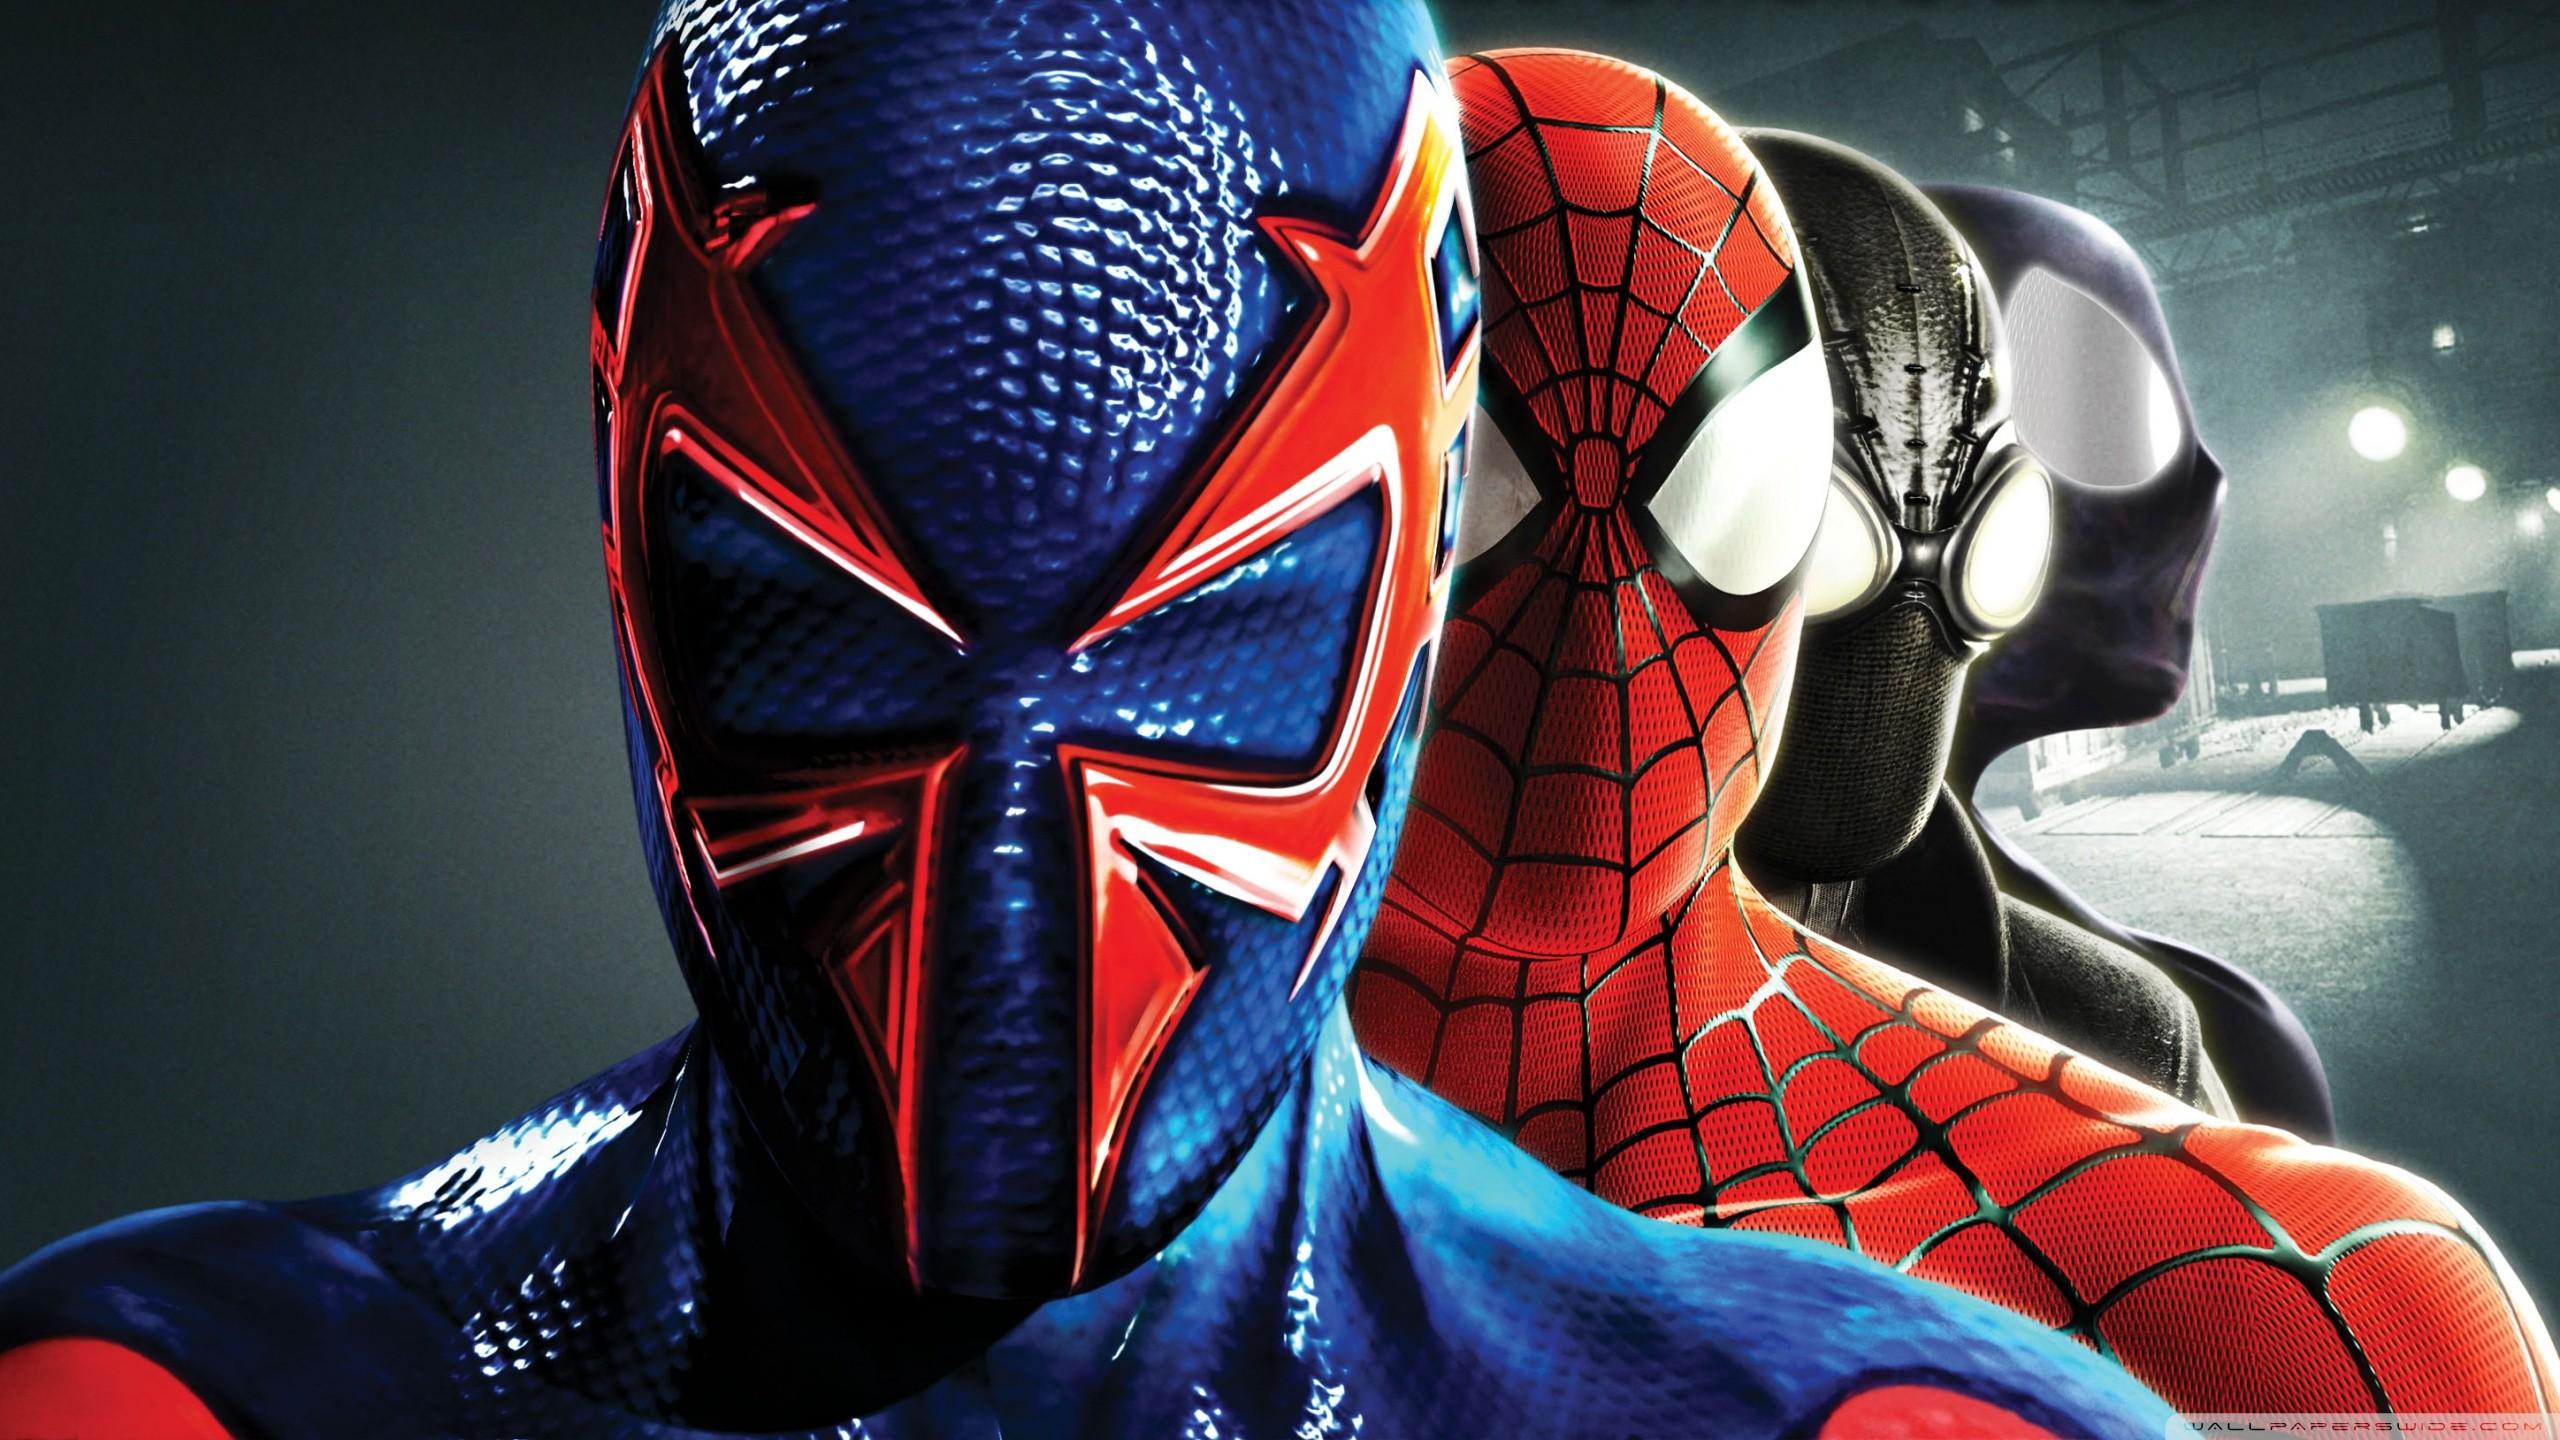 Ảnh Spider Man đánh nhau đẹp